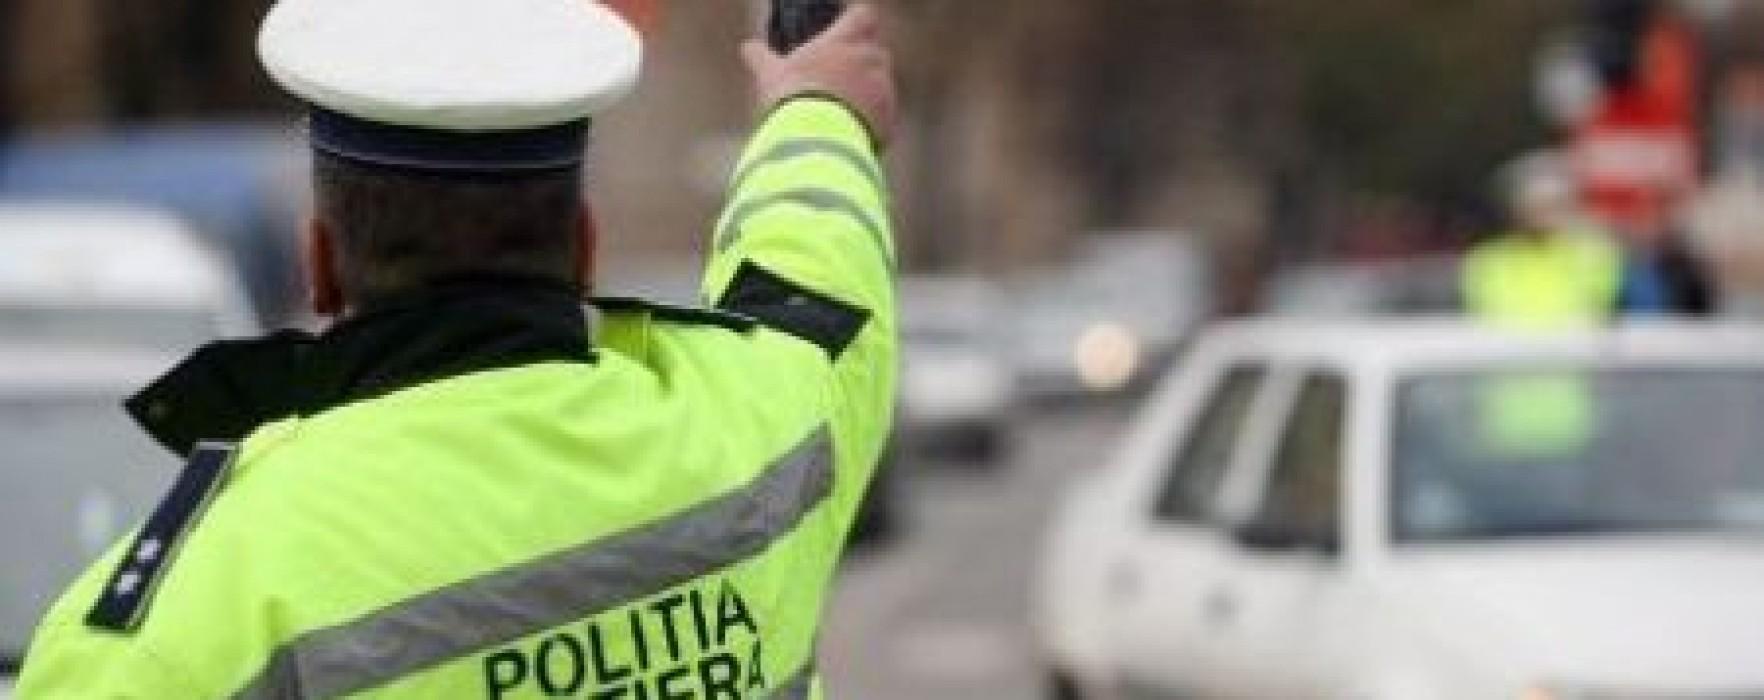 Dâmboviţa: Acţiuni în trafic ale poliţiştilor în această săptămână; vezi ce verifică